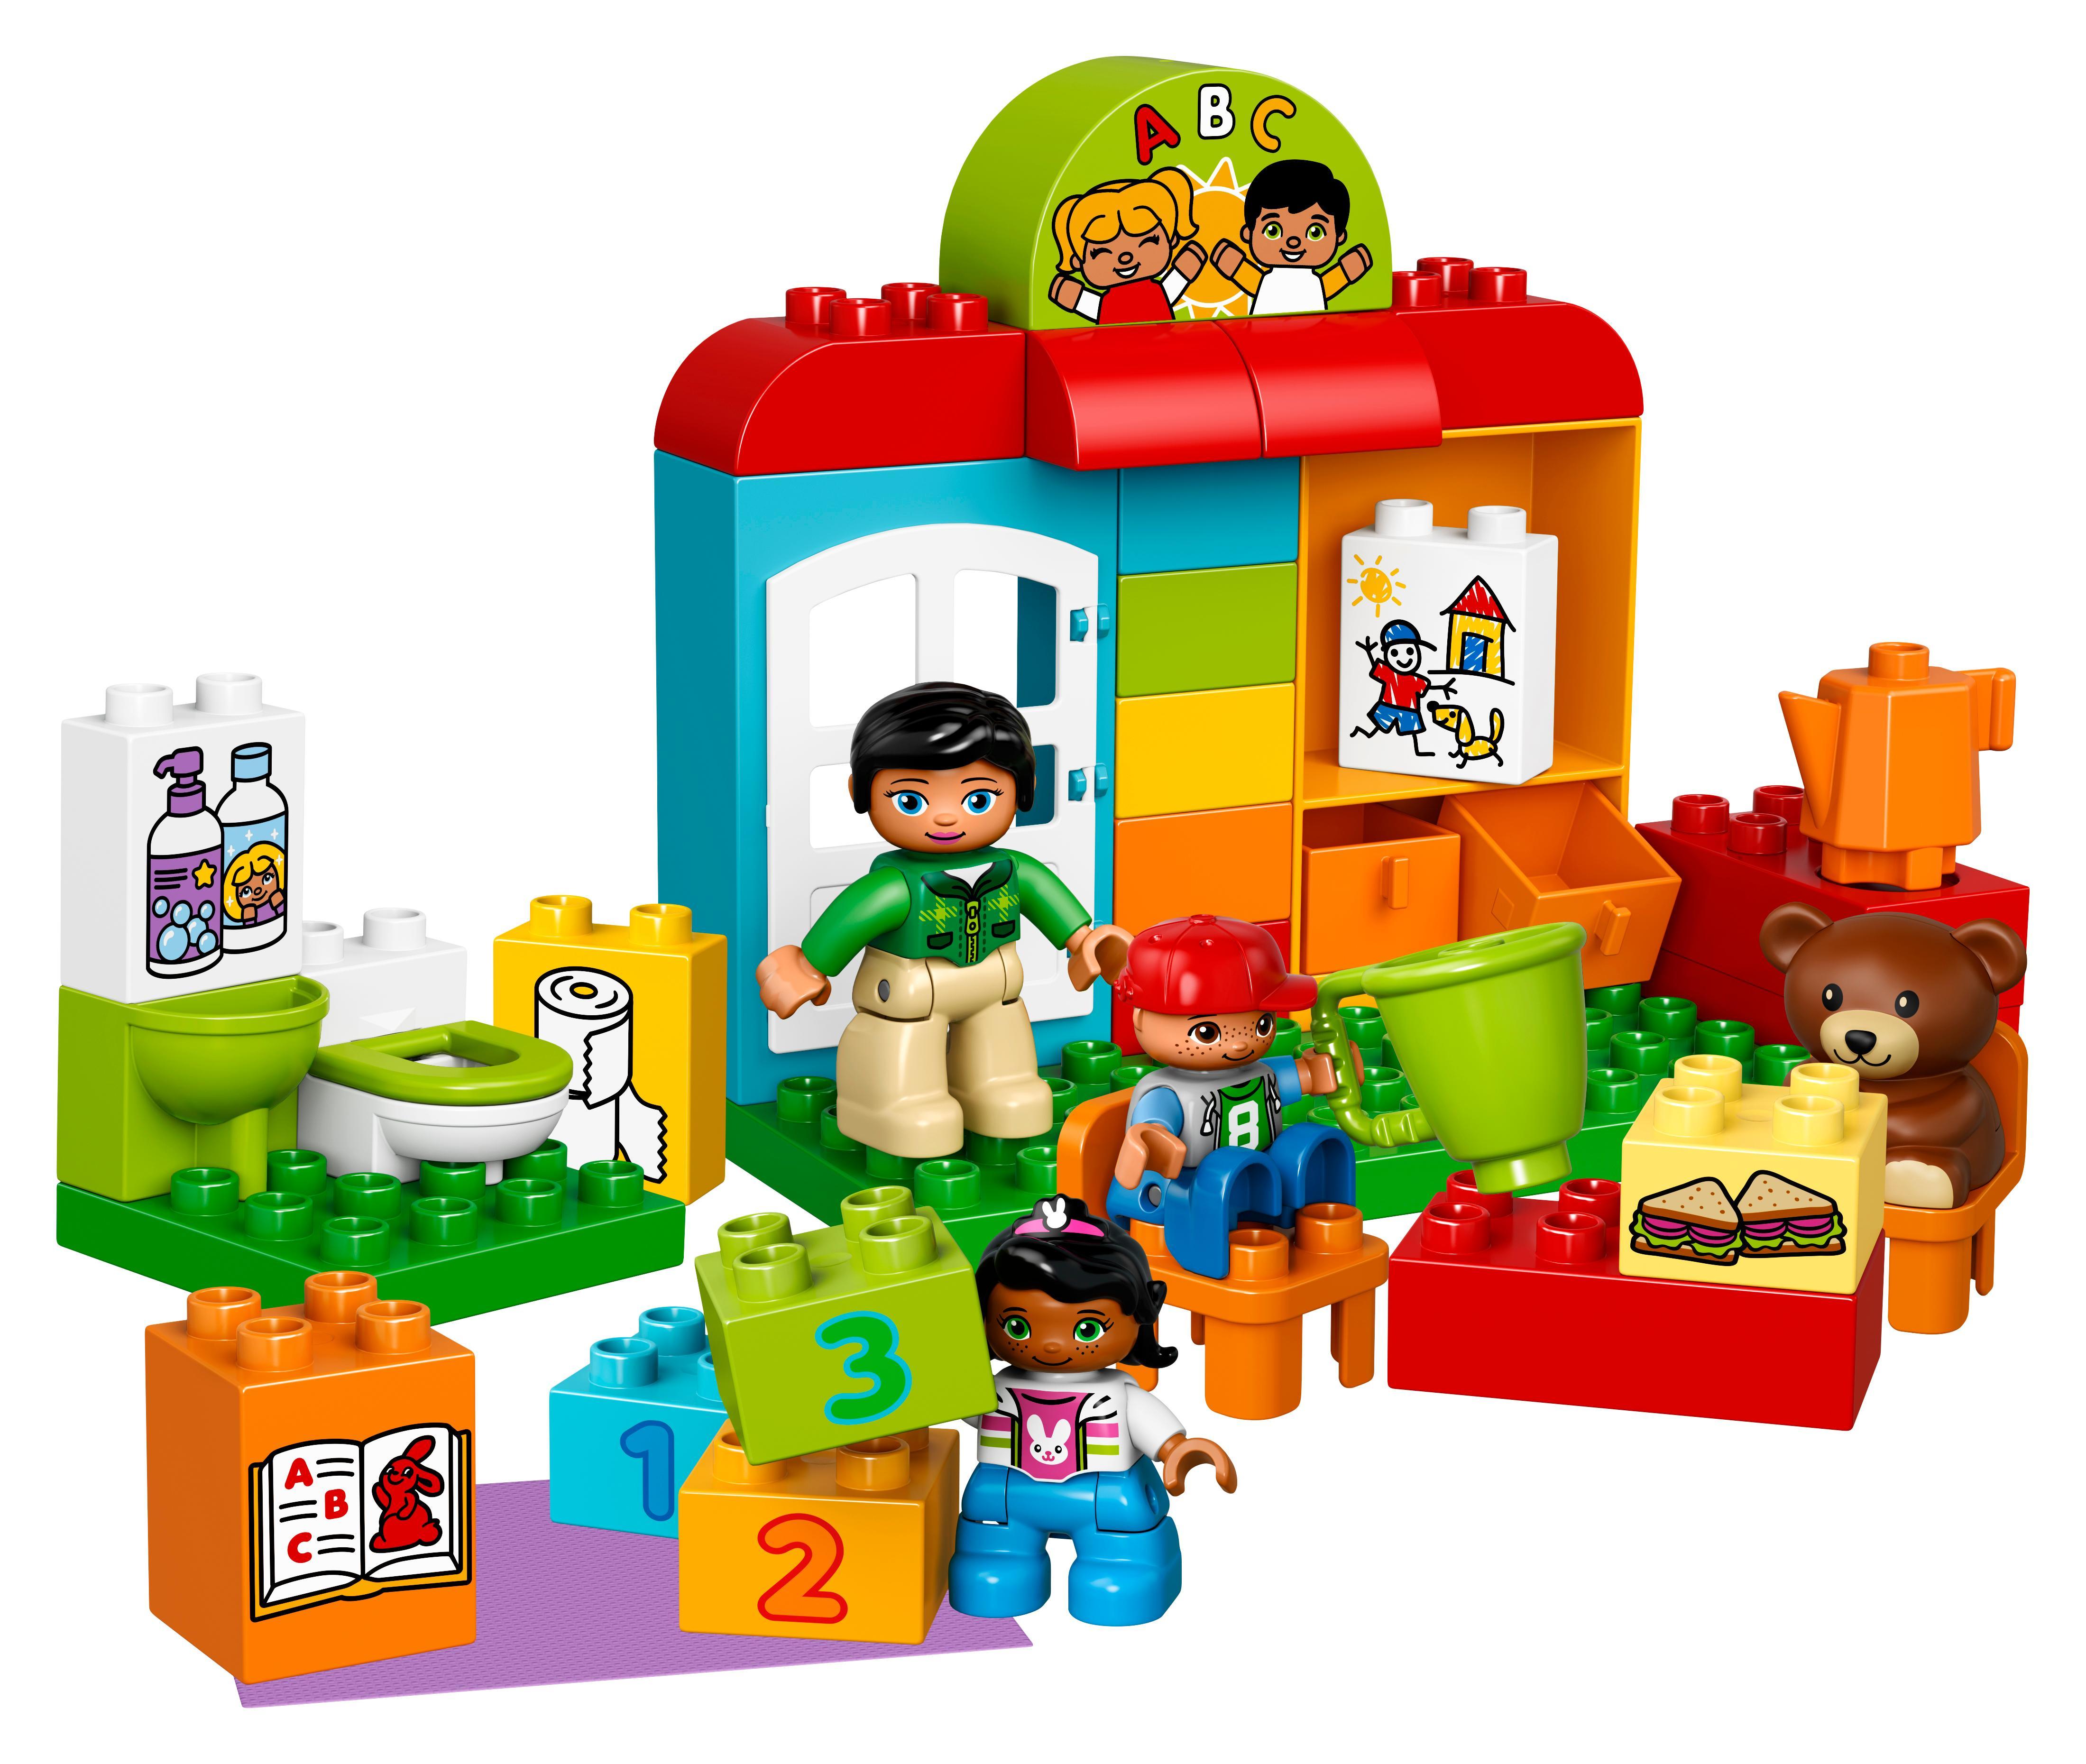 Berühmt Lego Duplo Schranke Ideen - Die besten Einrichtungsideen ...